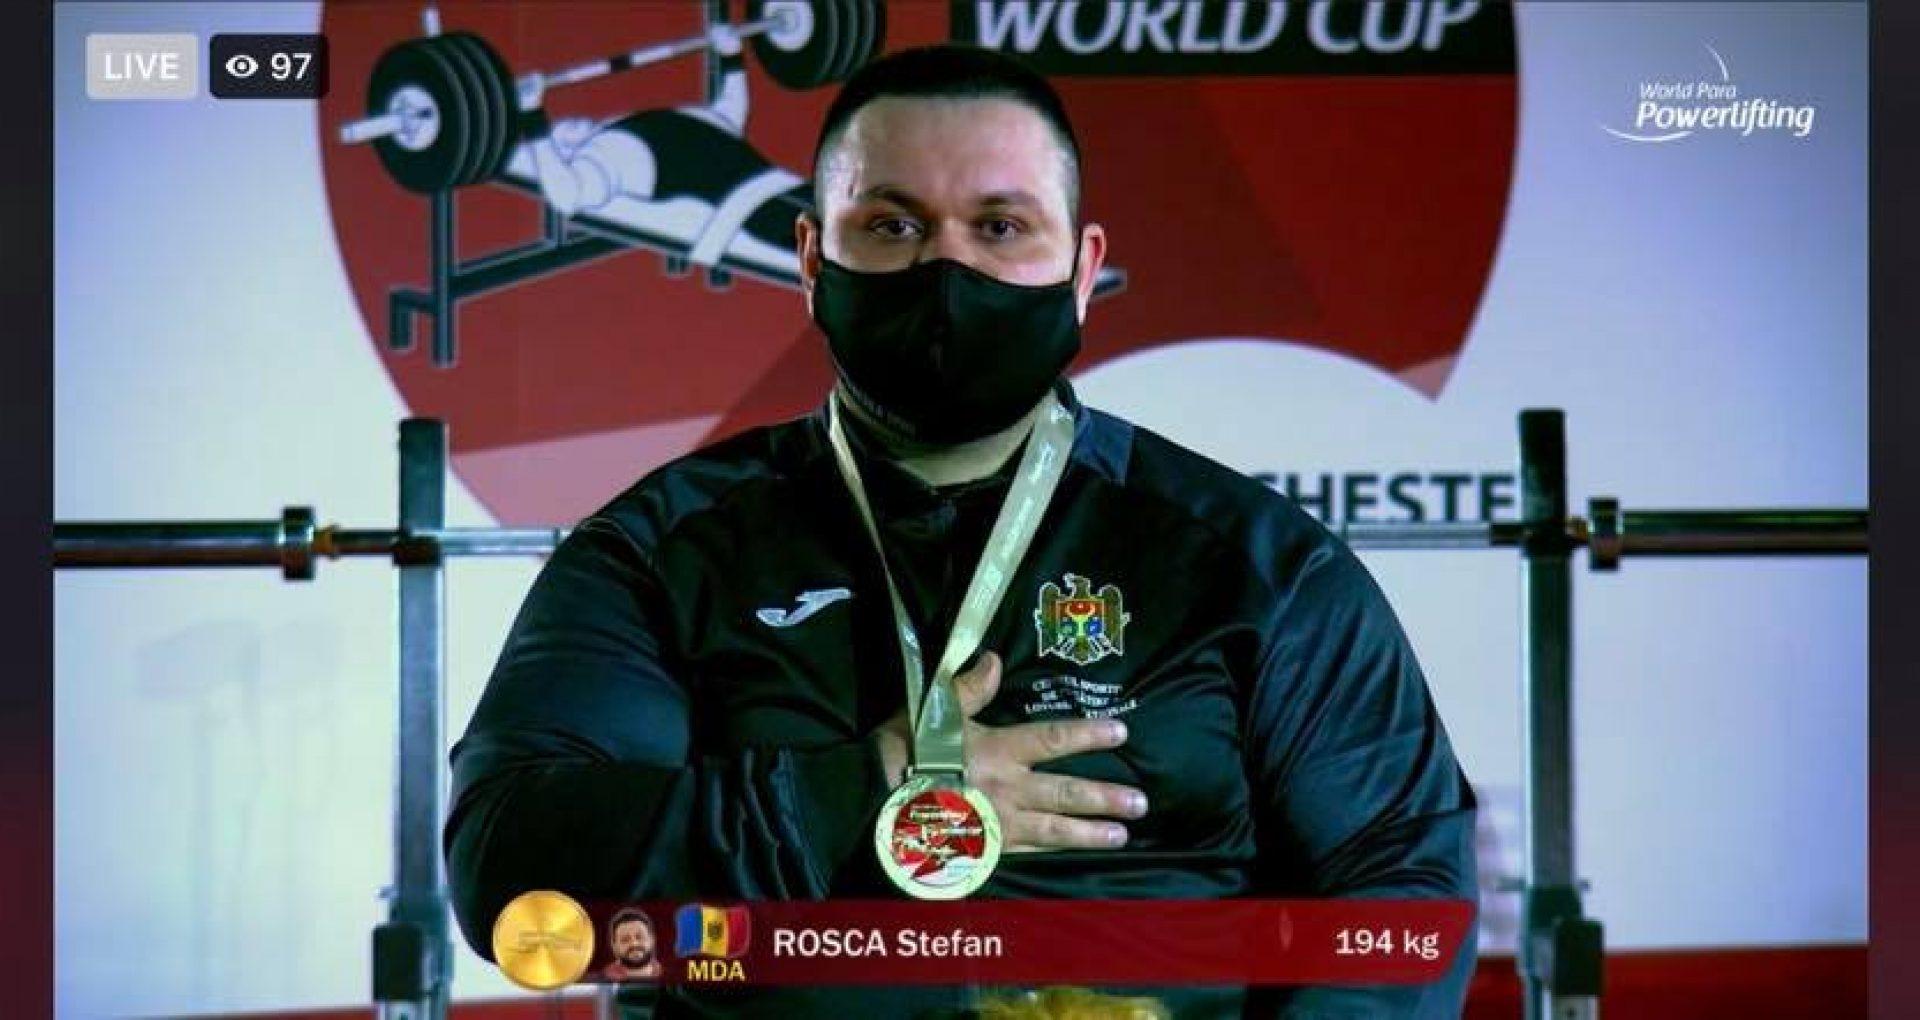 """VIDEO/ """"Fiecare nedreptate pe care o întâlneam în R. Moldova mă făcea mai puternic"""". Interviu cu sportivul paralimpic Ștefan Roșca"""